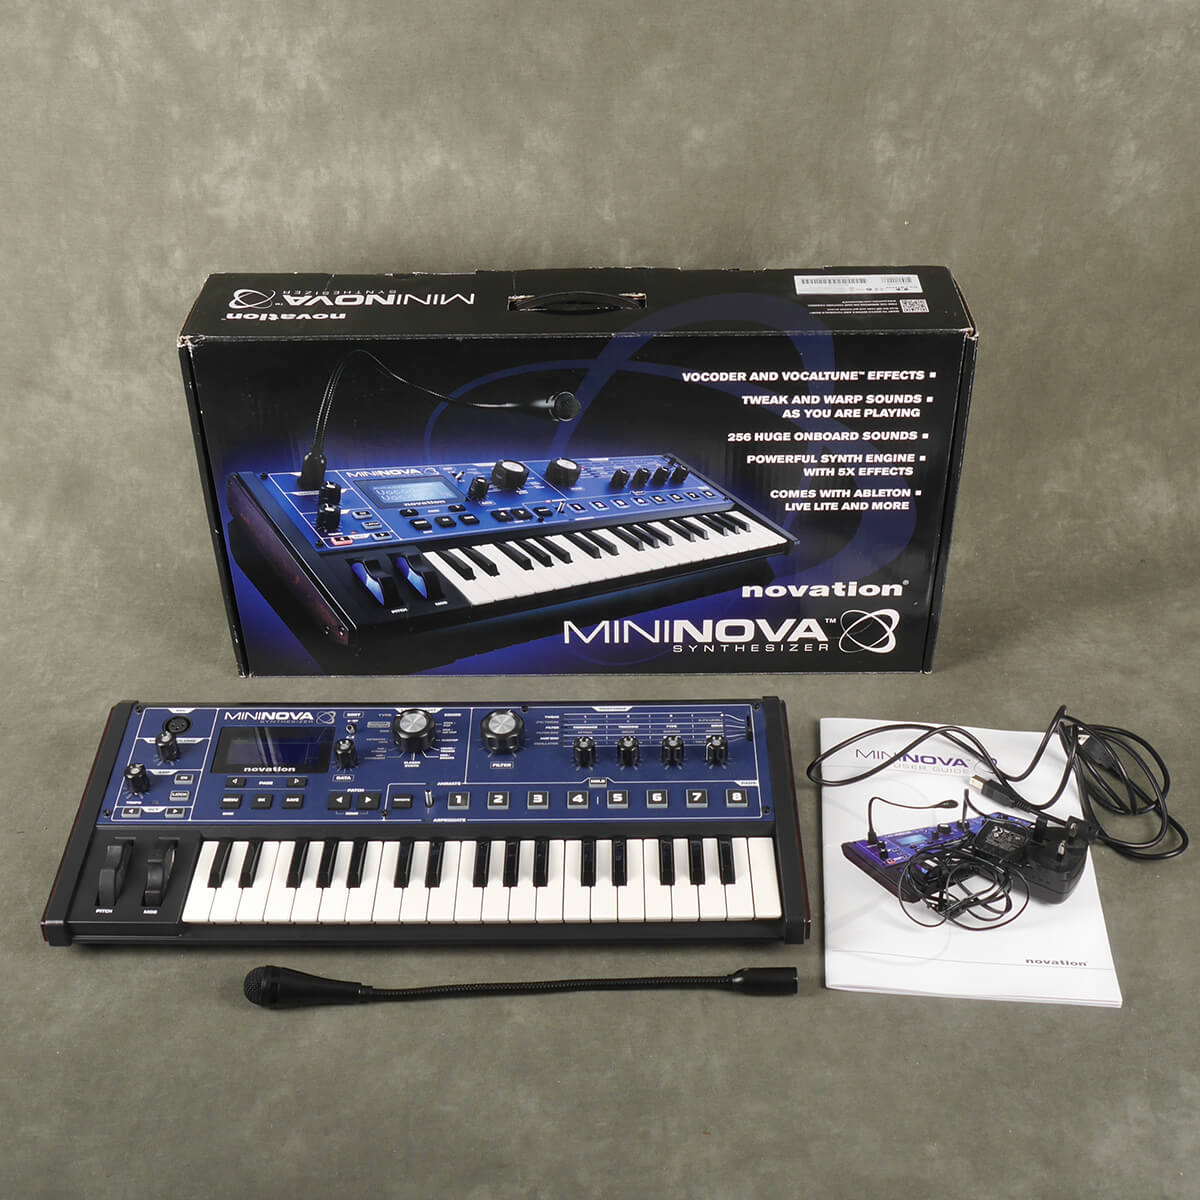 Novation MiniNova Synthesizer w/Box & PSU - 2nd Hand